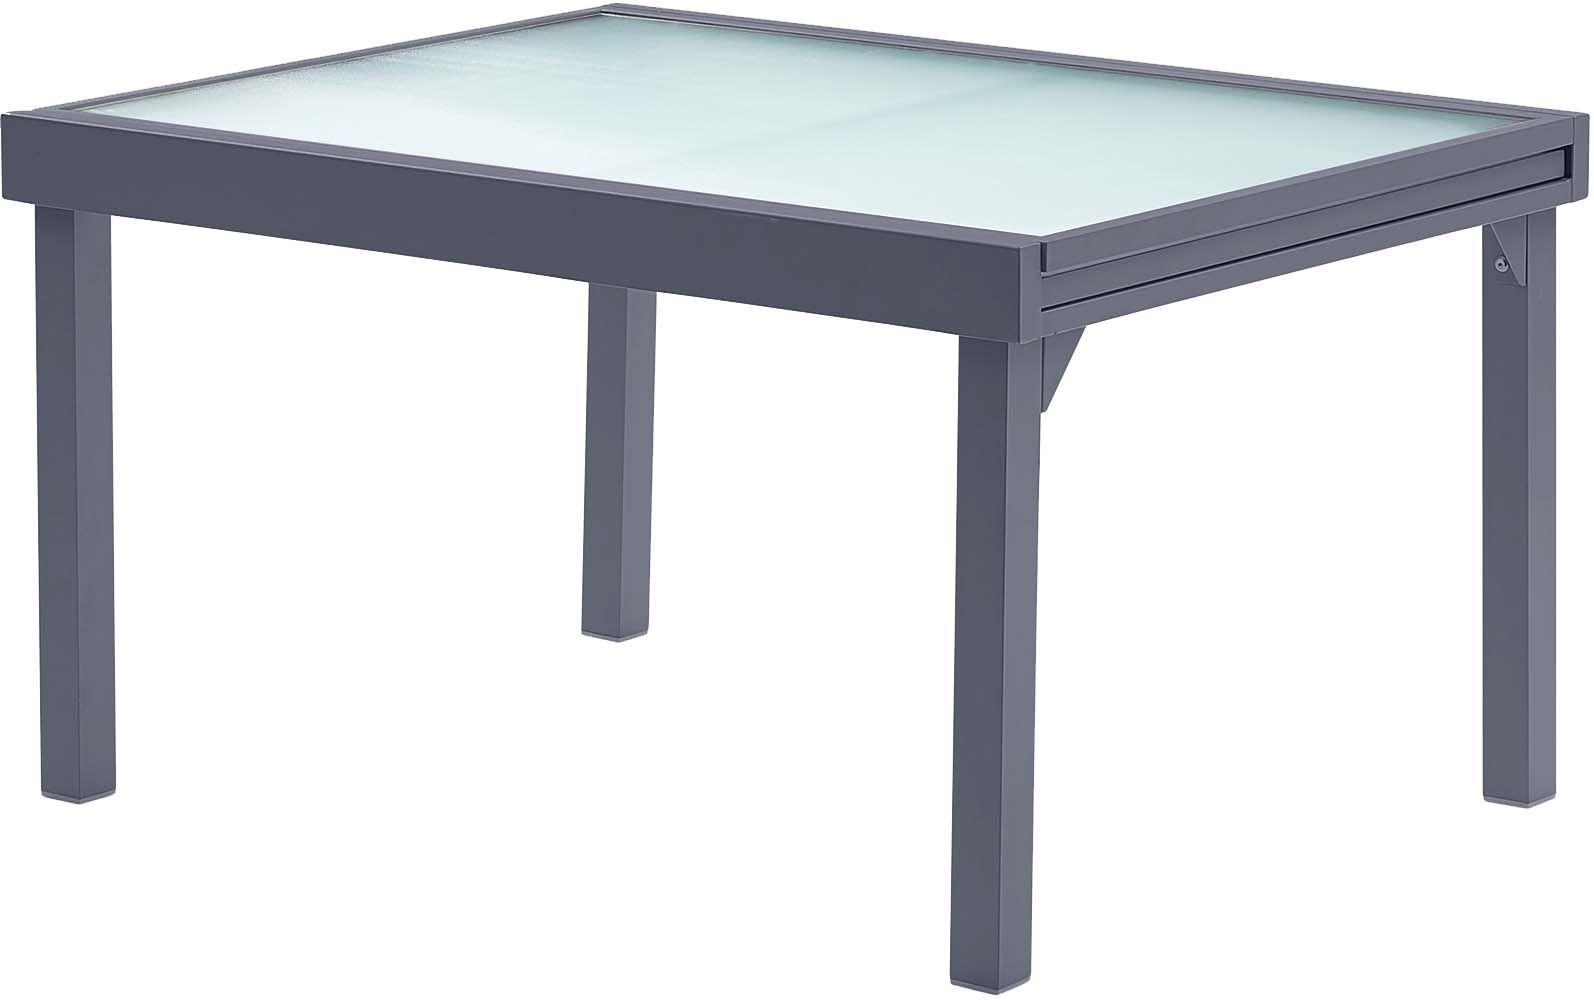 Salon de jardin moderne 6 personnes modulo gris - Table de jardin moderne ...